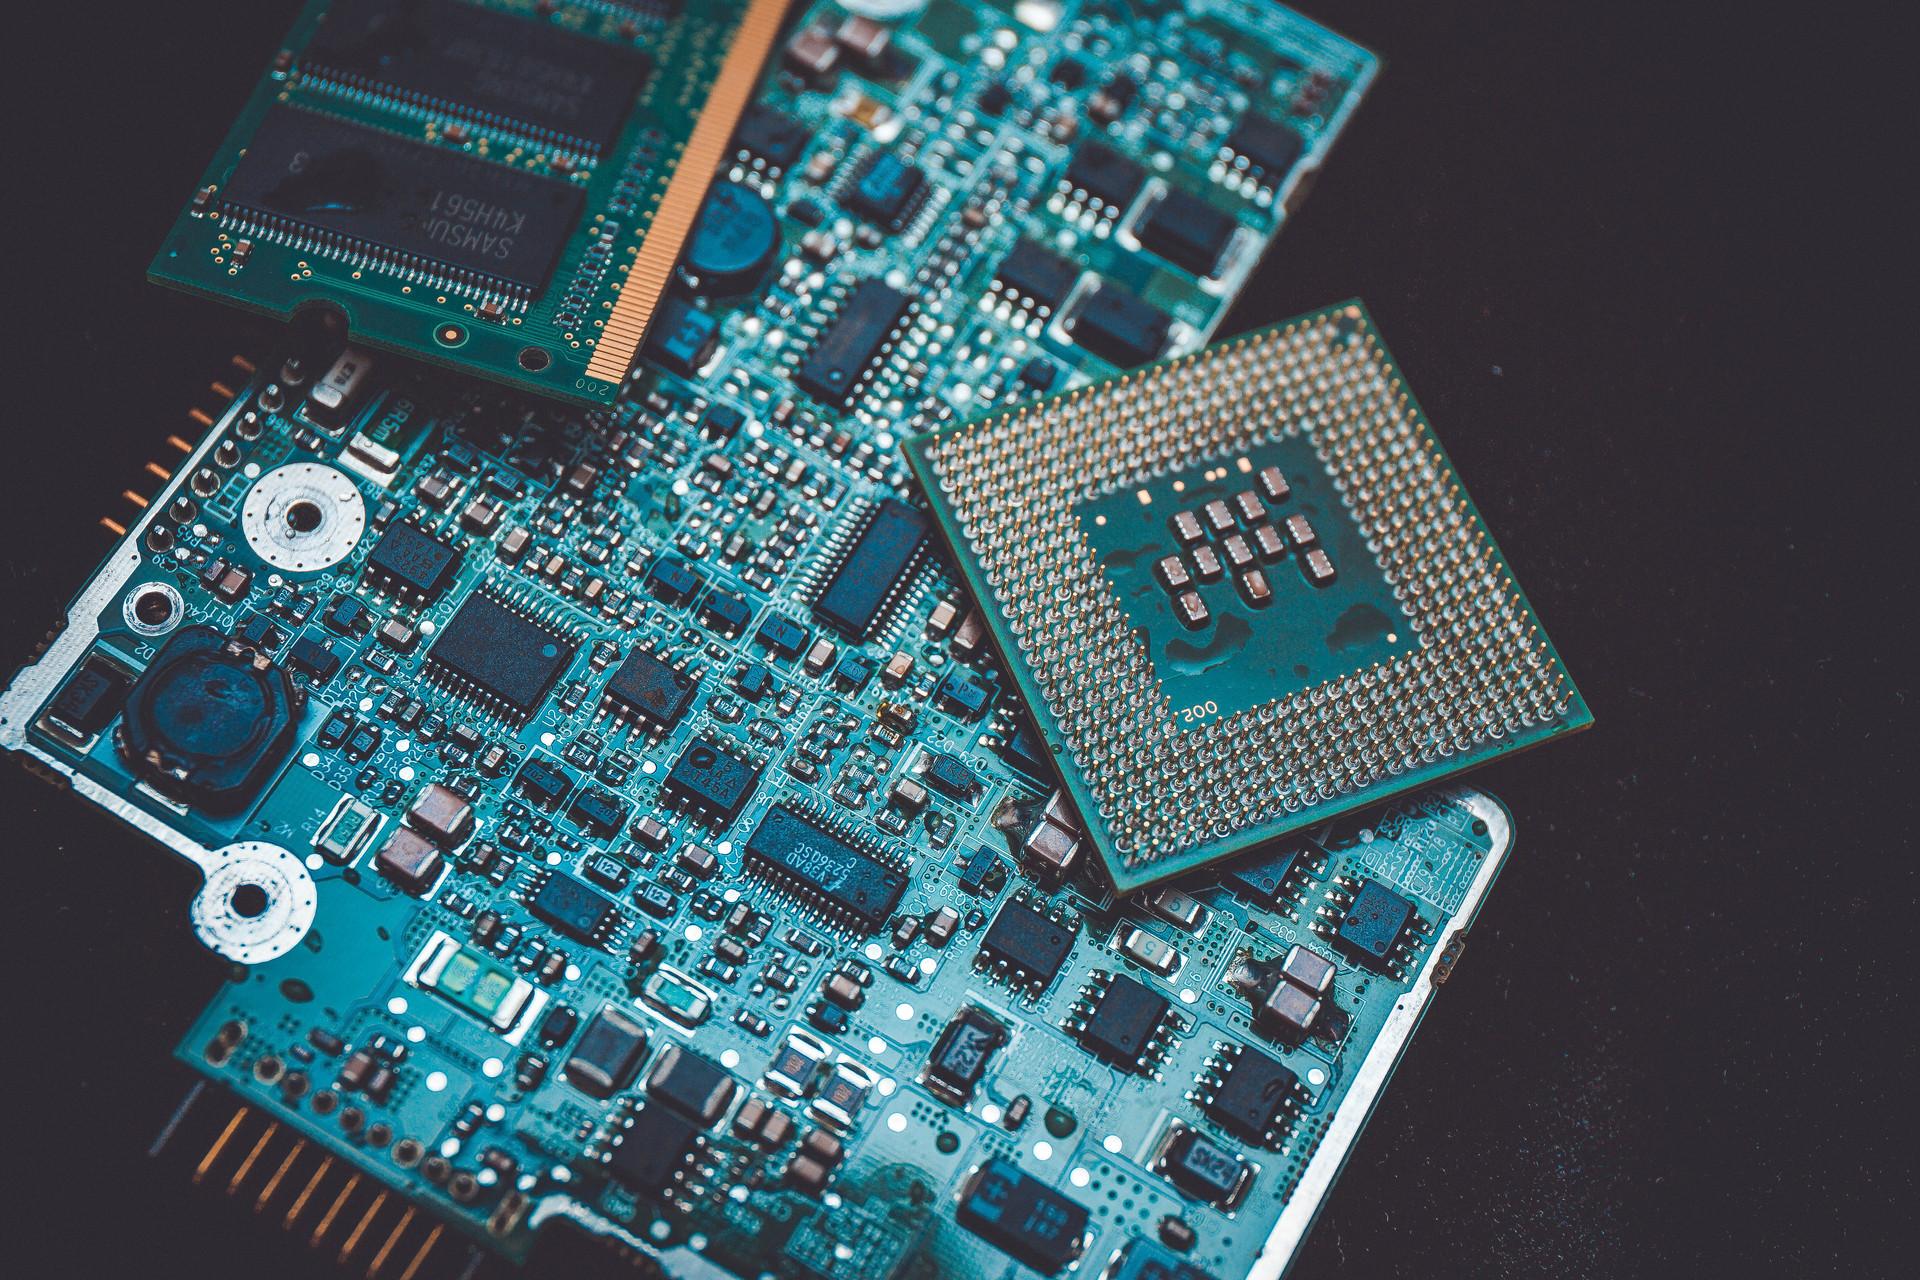 高云半导体发布 μSoC 射频 FPGA,替换国际主流芯片仍在前行